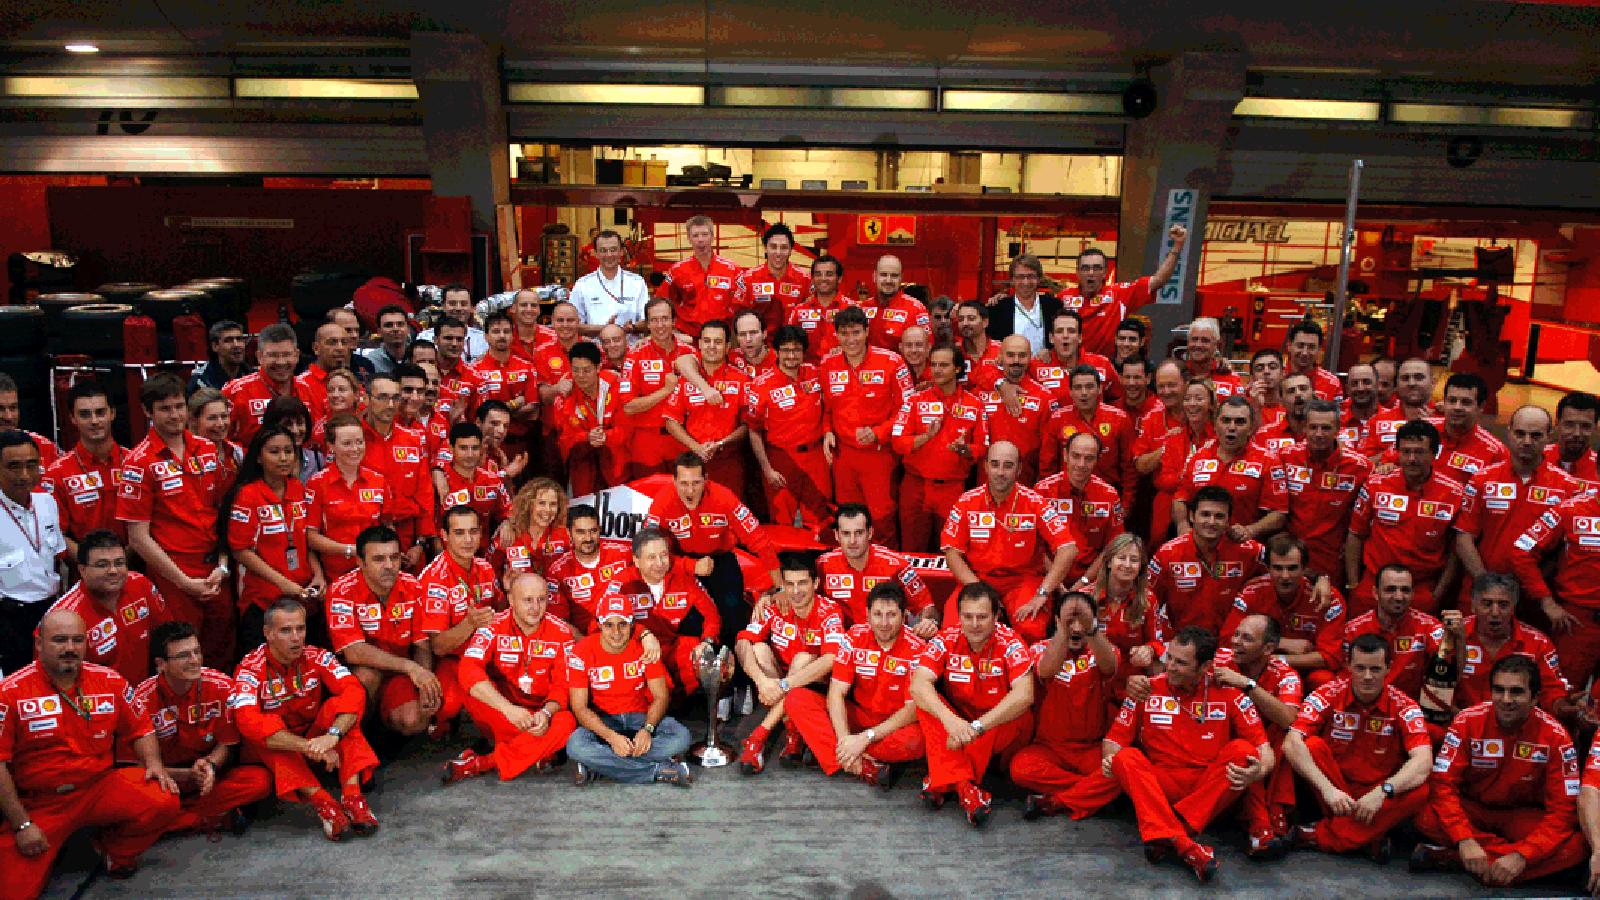 1 ottobre 2006, Shanghai: foto di gruppo in Ferrari dopo l'ultimo GP di Formula1 vinto da Michael Schumacher nella sua carriera (immagine dal sito formula1.ferrari.com)